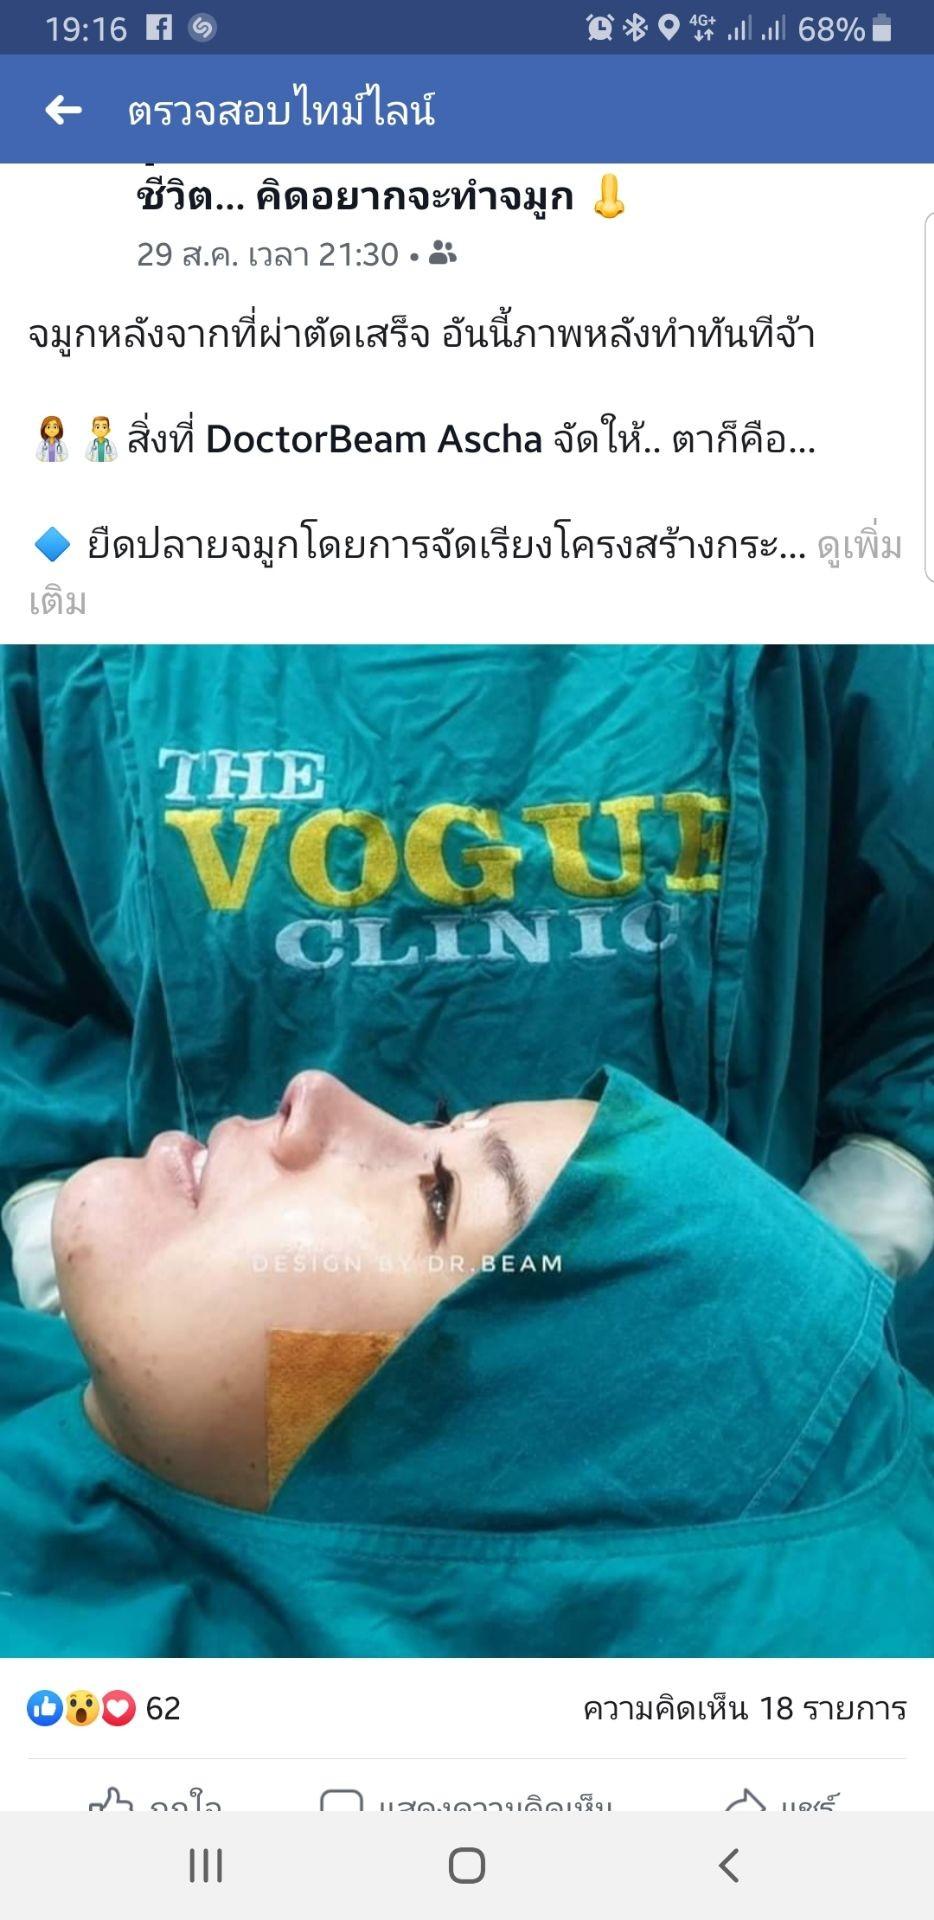 ป้ายราคาหรือสมุดเมนู • ภาพในห้องผ่าตัด #โอเพ่นยืดผนังกั้นจมูก ที่ ร้าน The VOGUE Clinic ชลบุรี